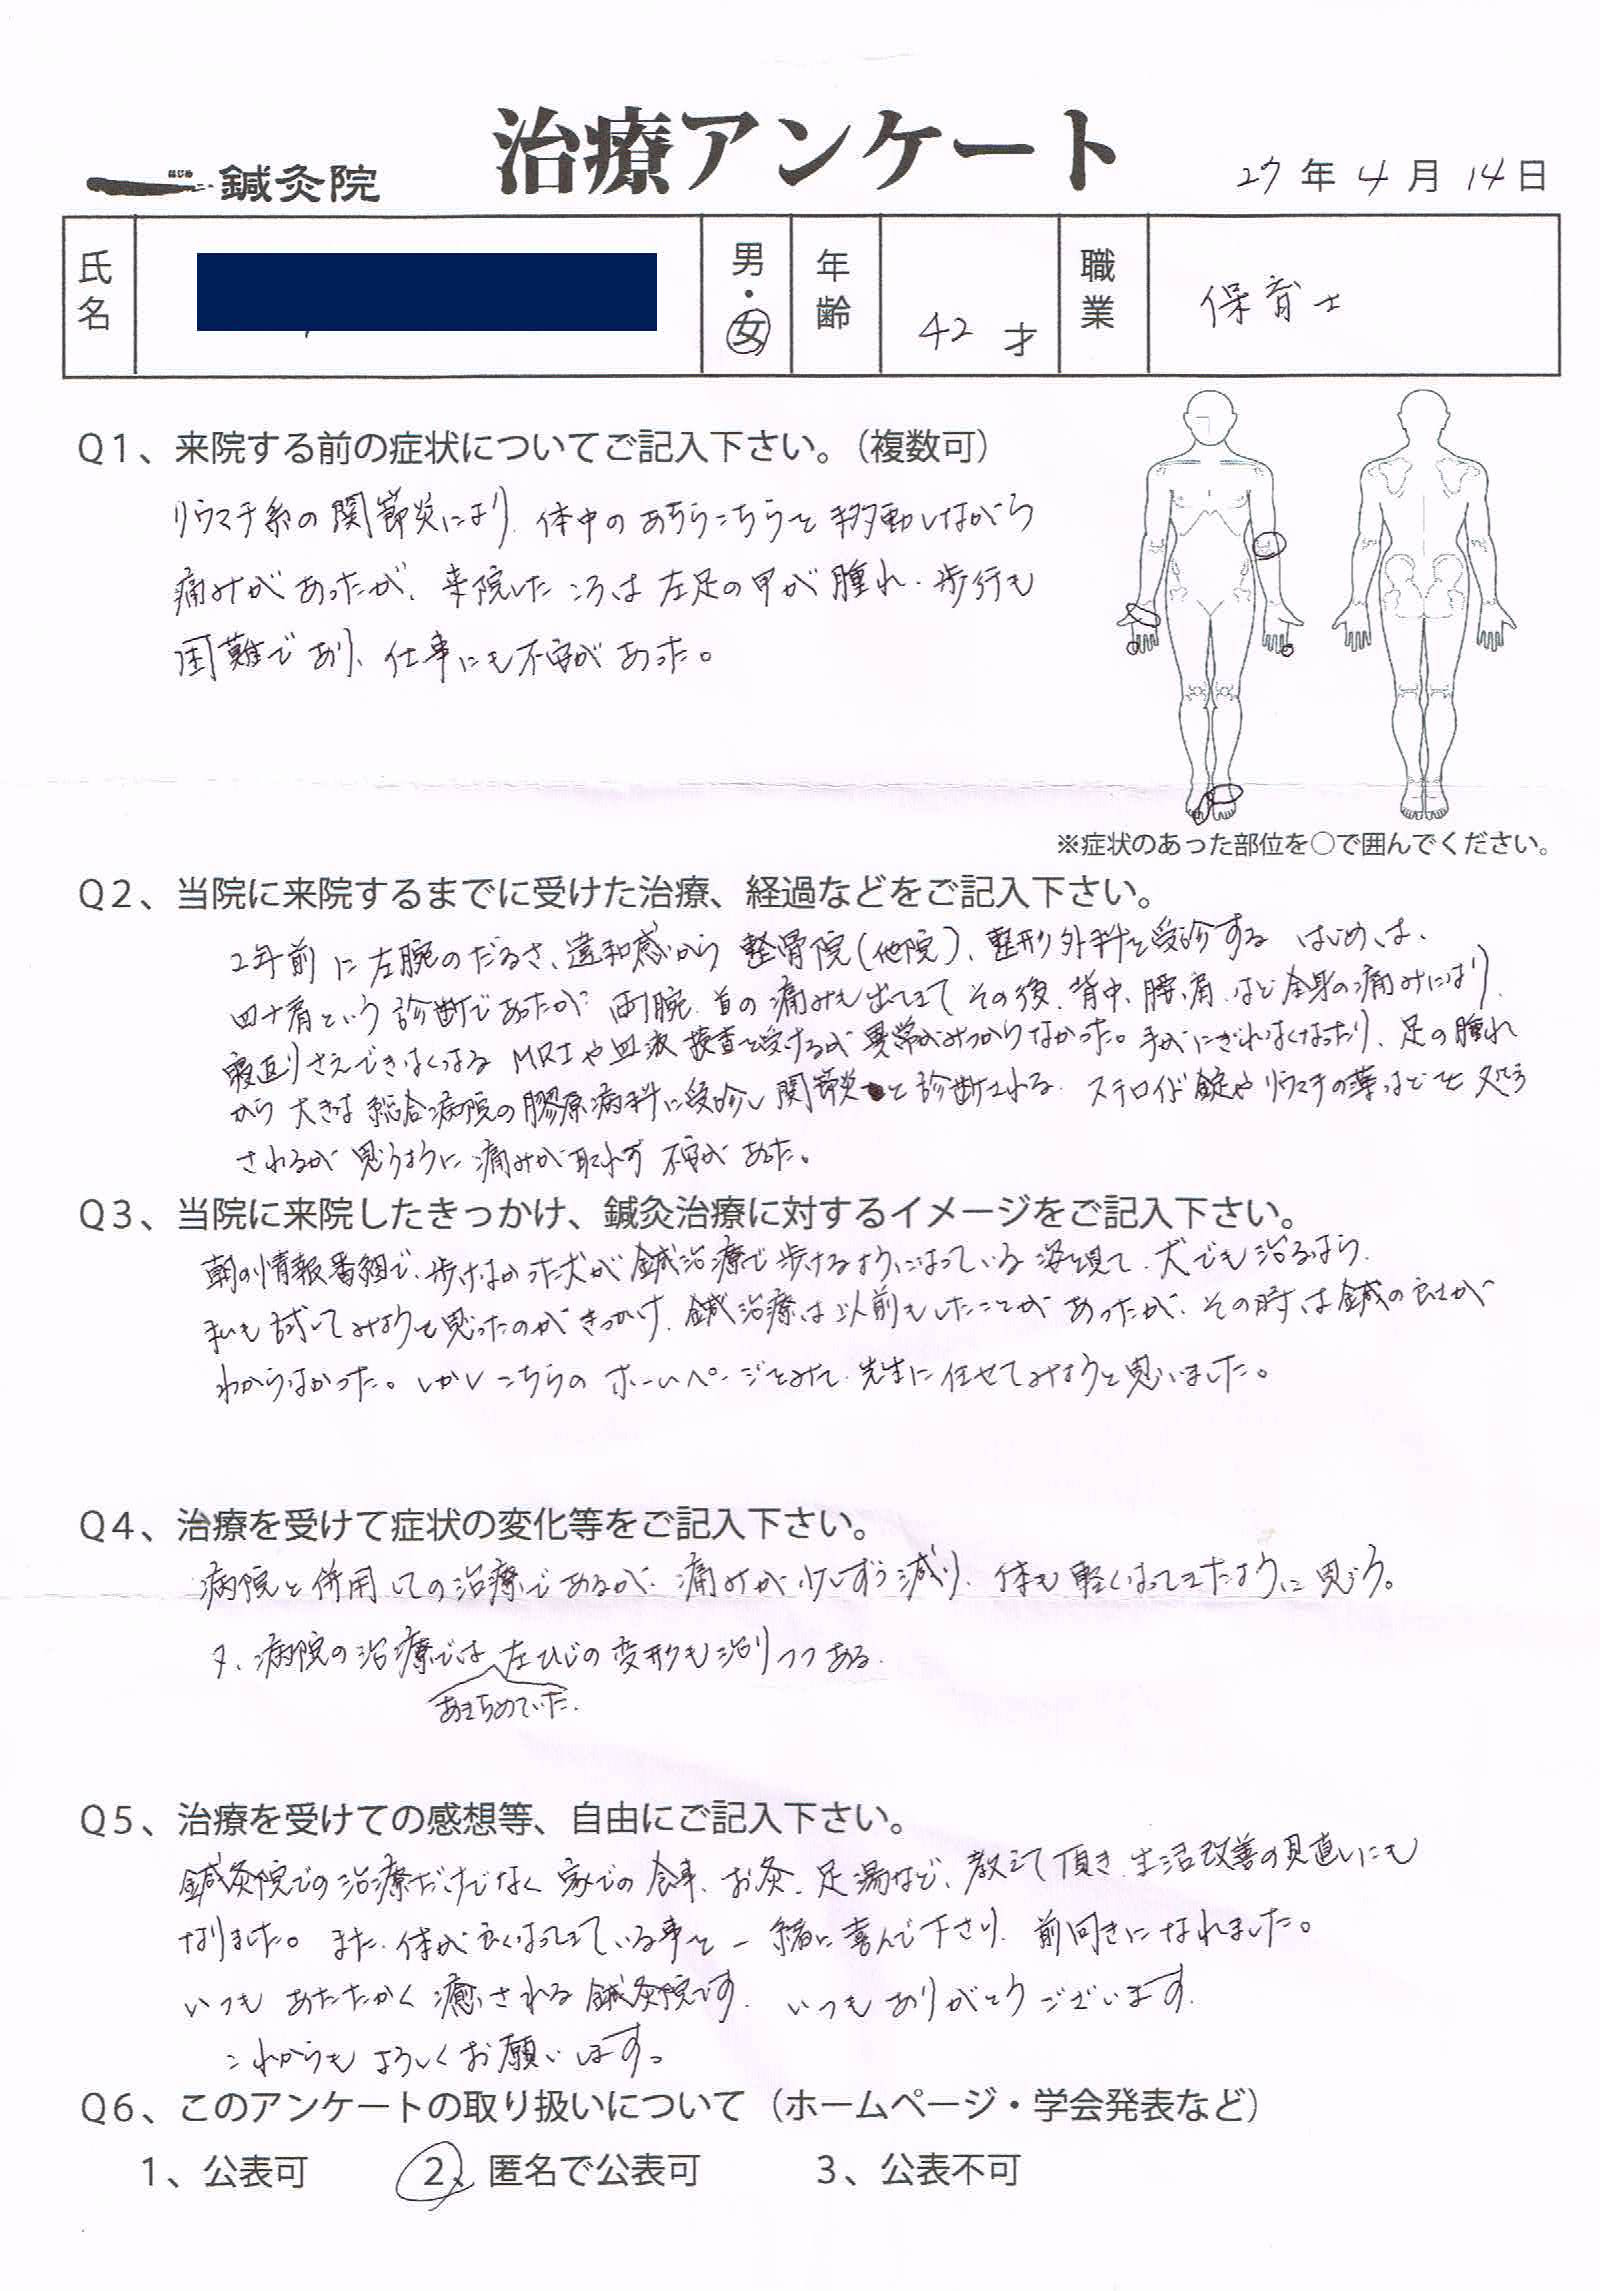 リウマチによる関節炎、関節拘縮